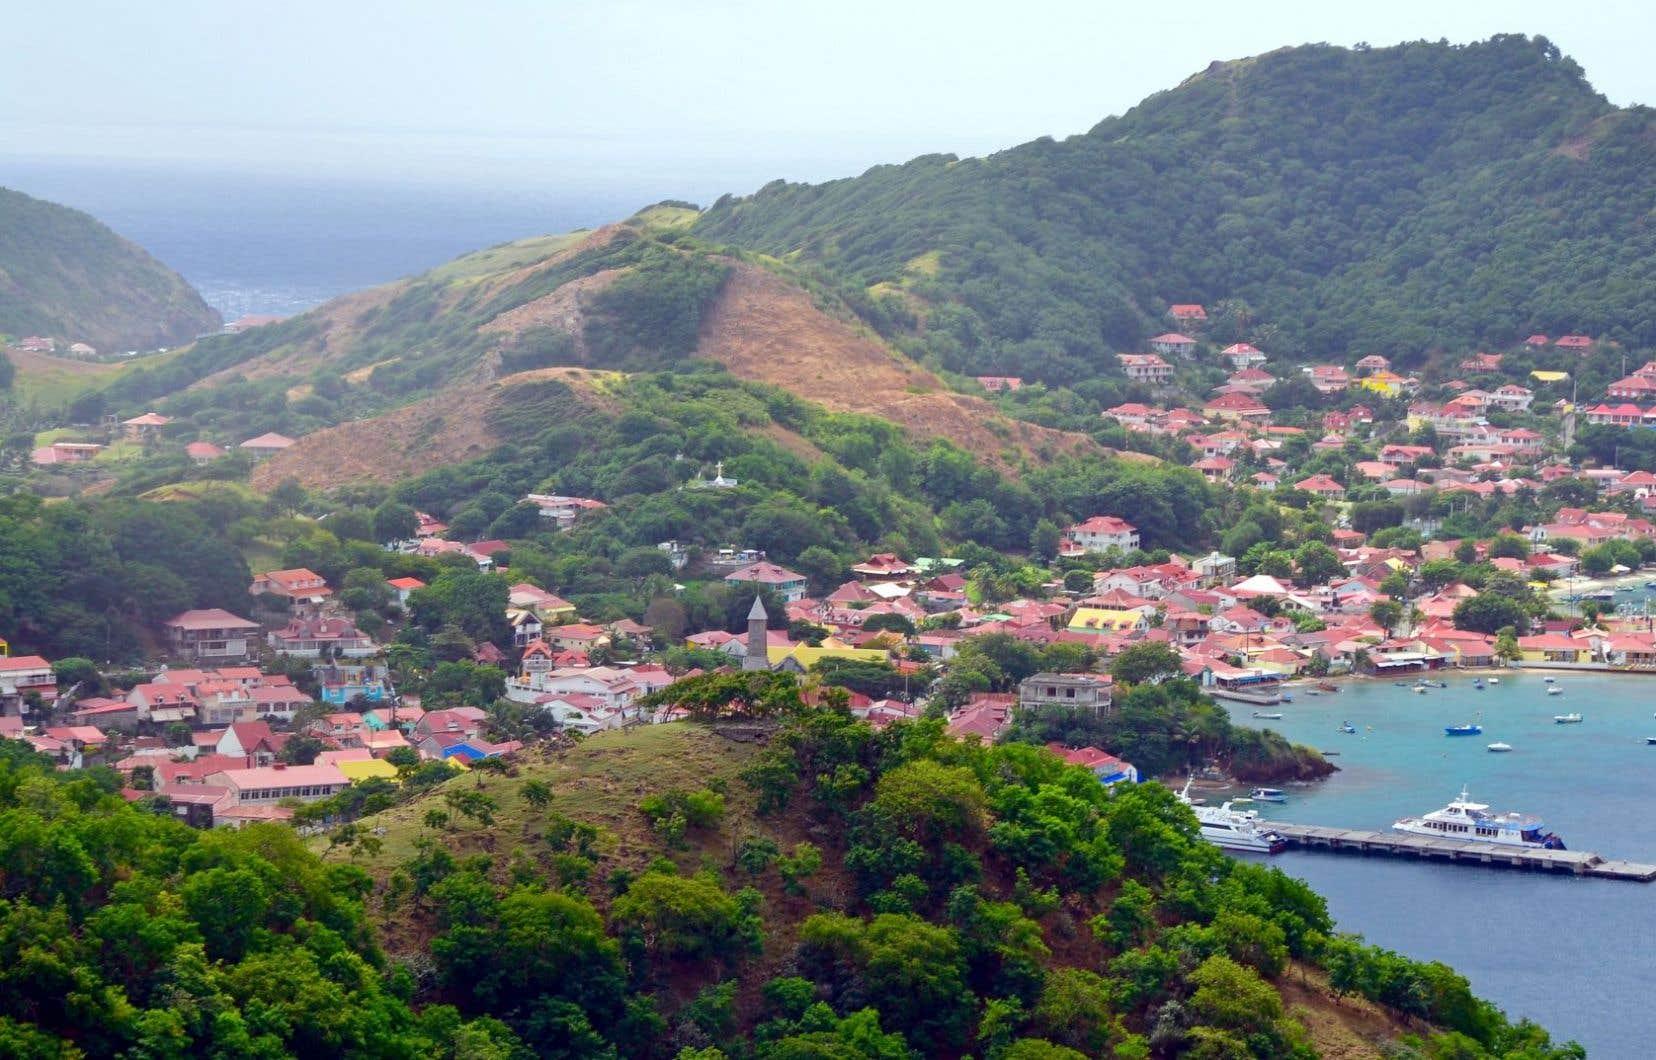 La rade de Terre-de-Haut et le village coloré du Bourg douillettement blotti entre les mornes